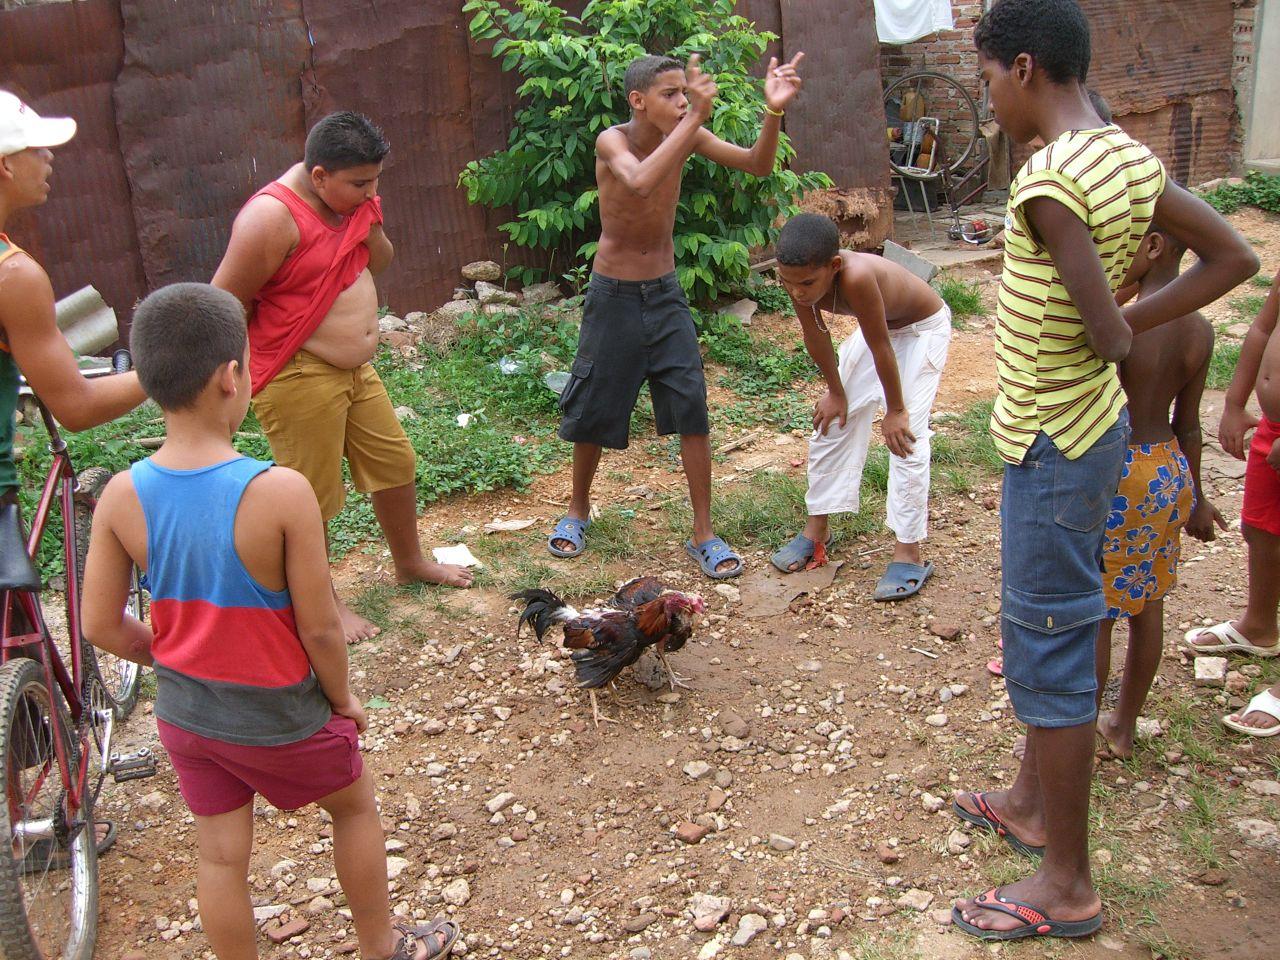 Cuba: fotos del acontecer diario - Página 6 763843953_5f180cf6b0_o